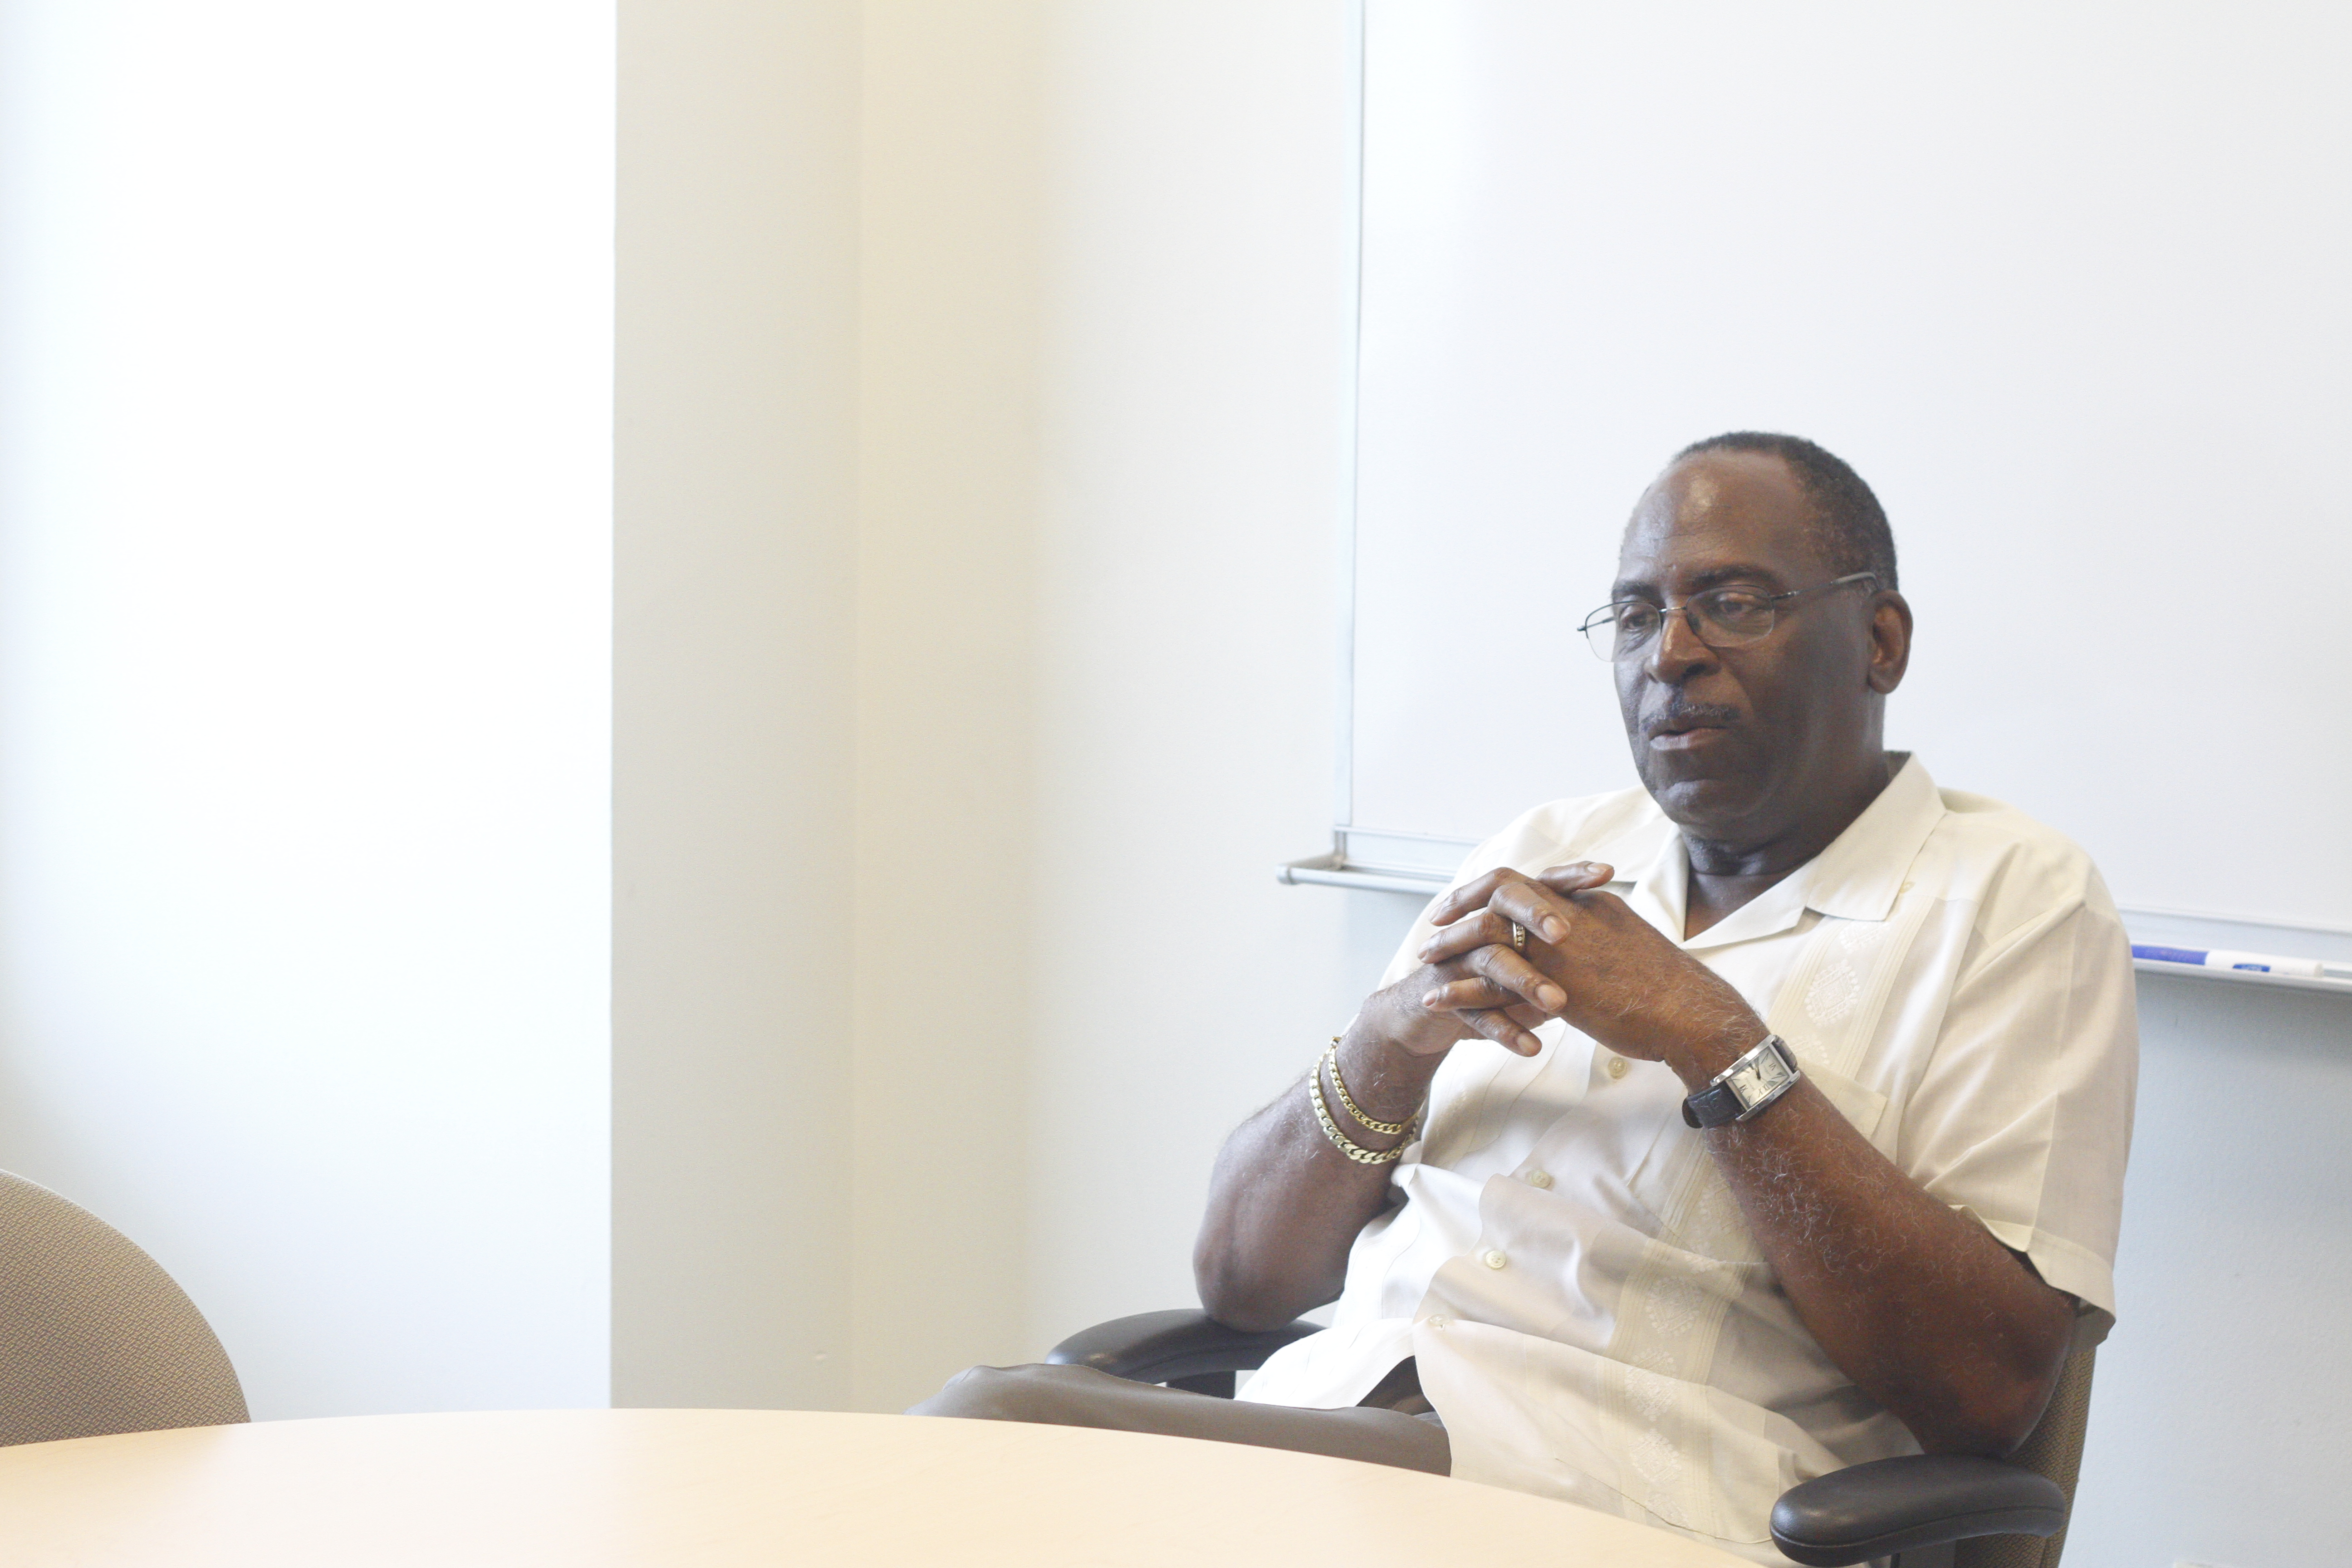 Professor retires after 42 years